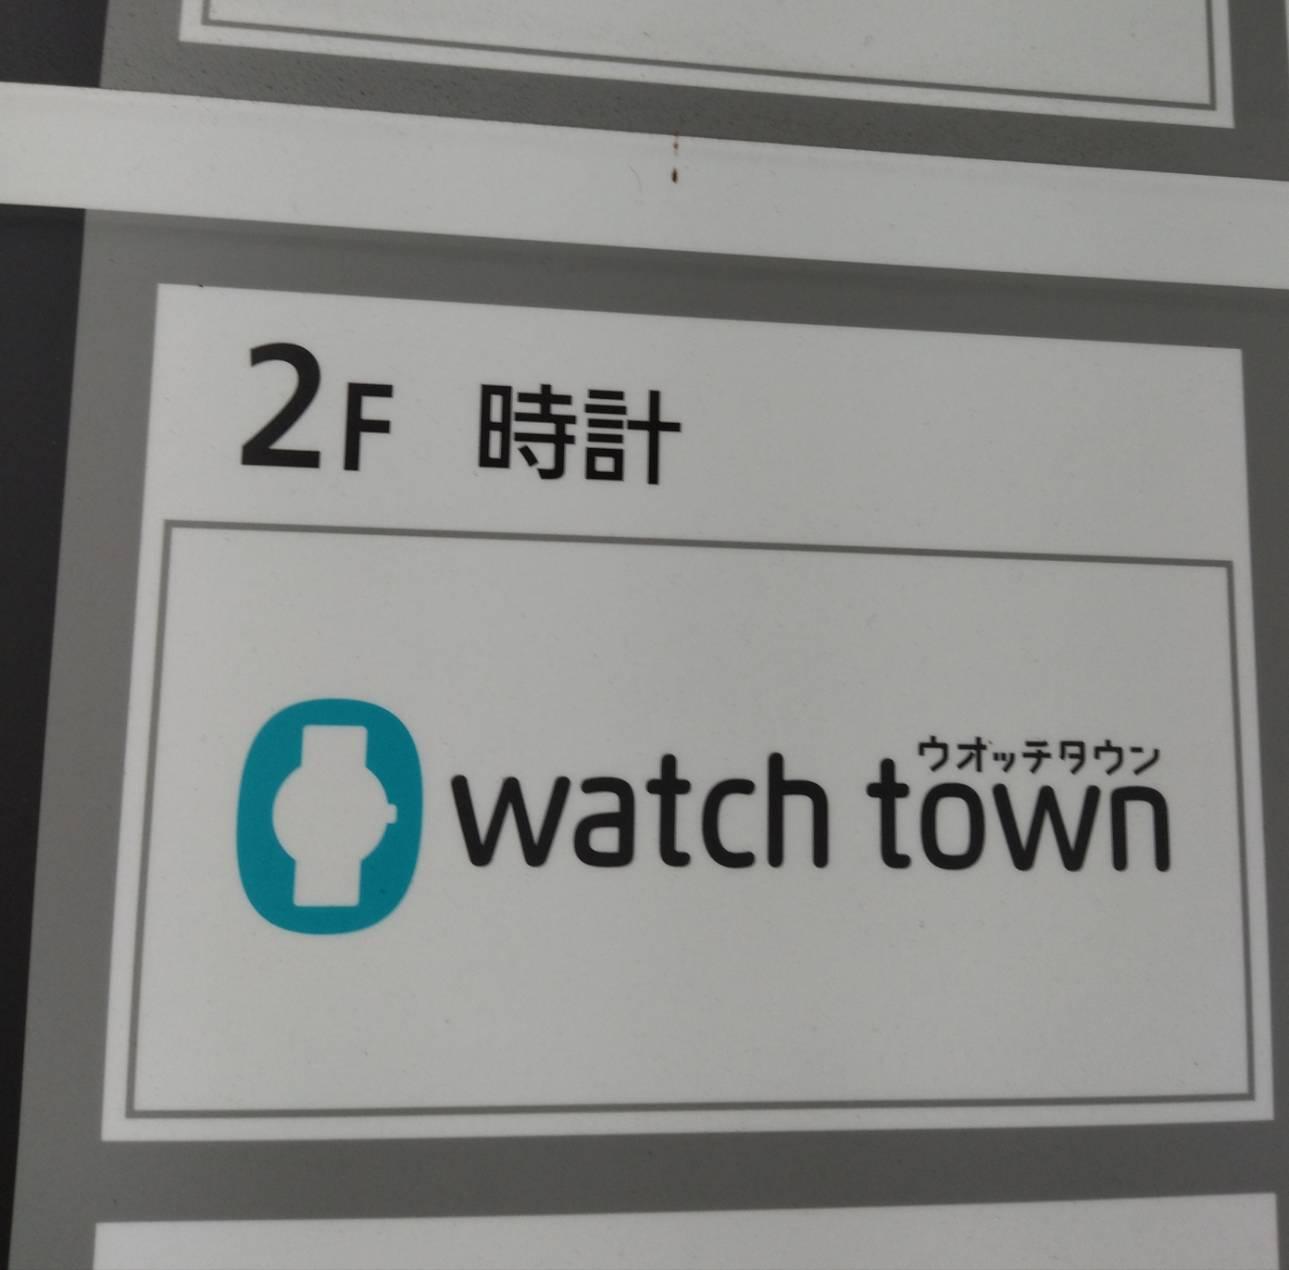 ウオッチタウン新松戸店閉店イオンフードスタイルダイエー